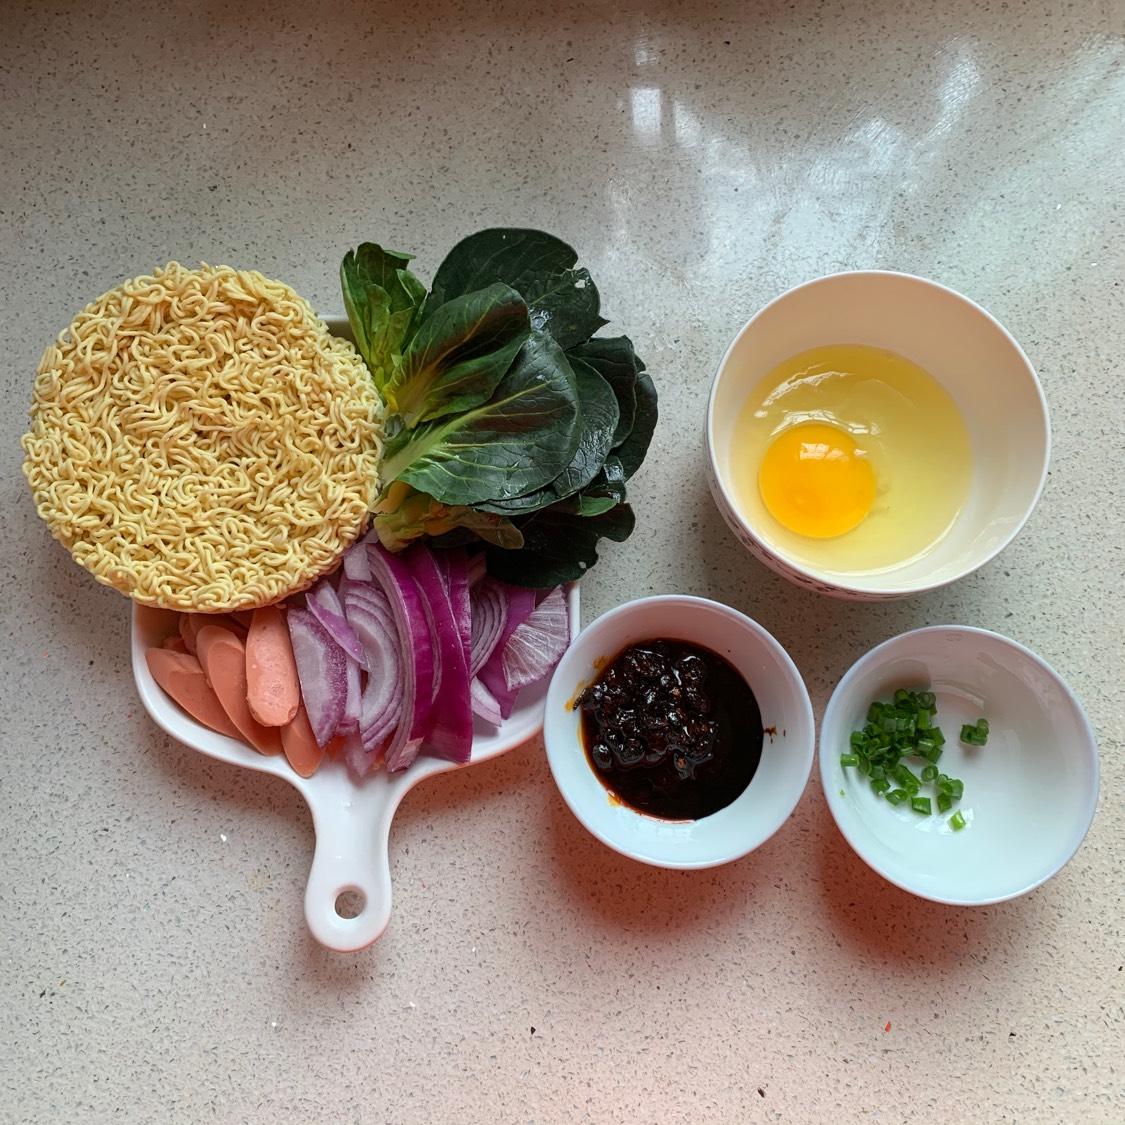 材料备好,青菜洗净,火腿切片、洋葱切丝